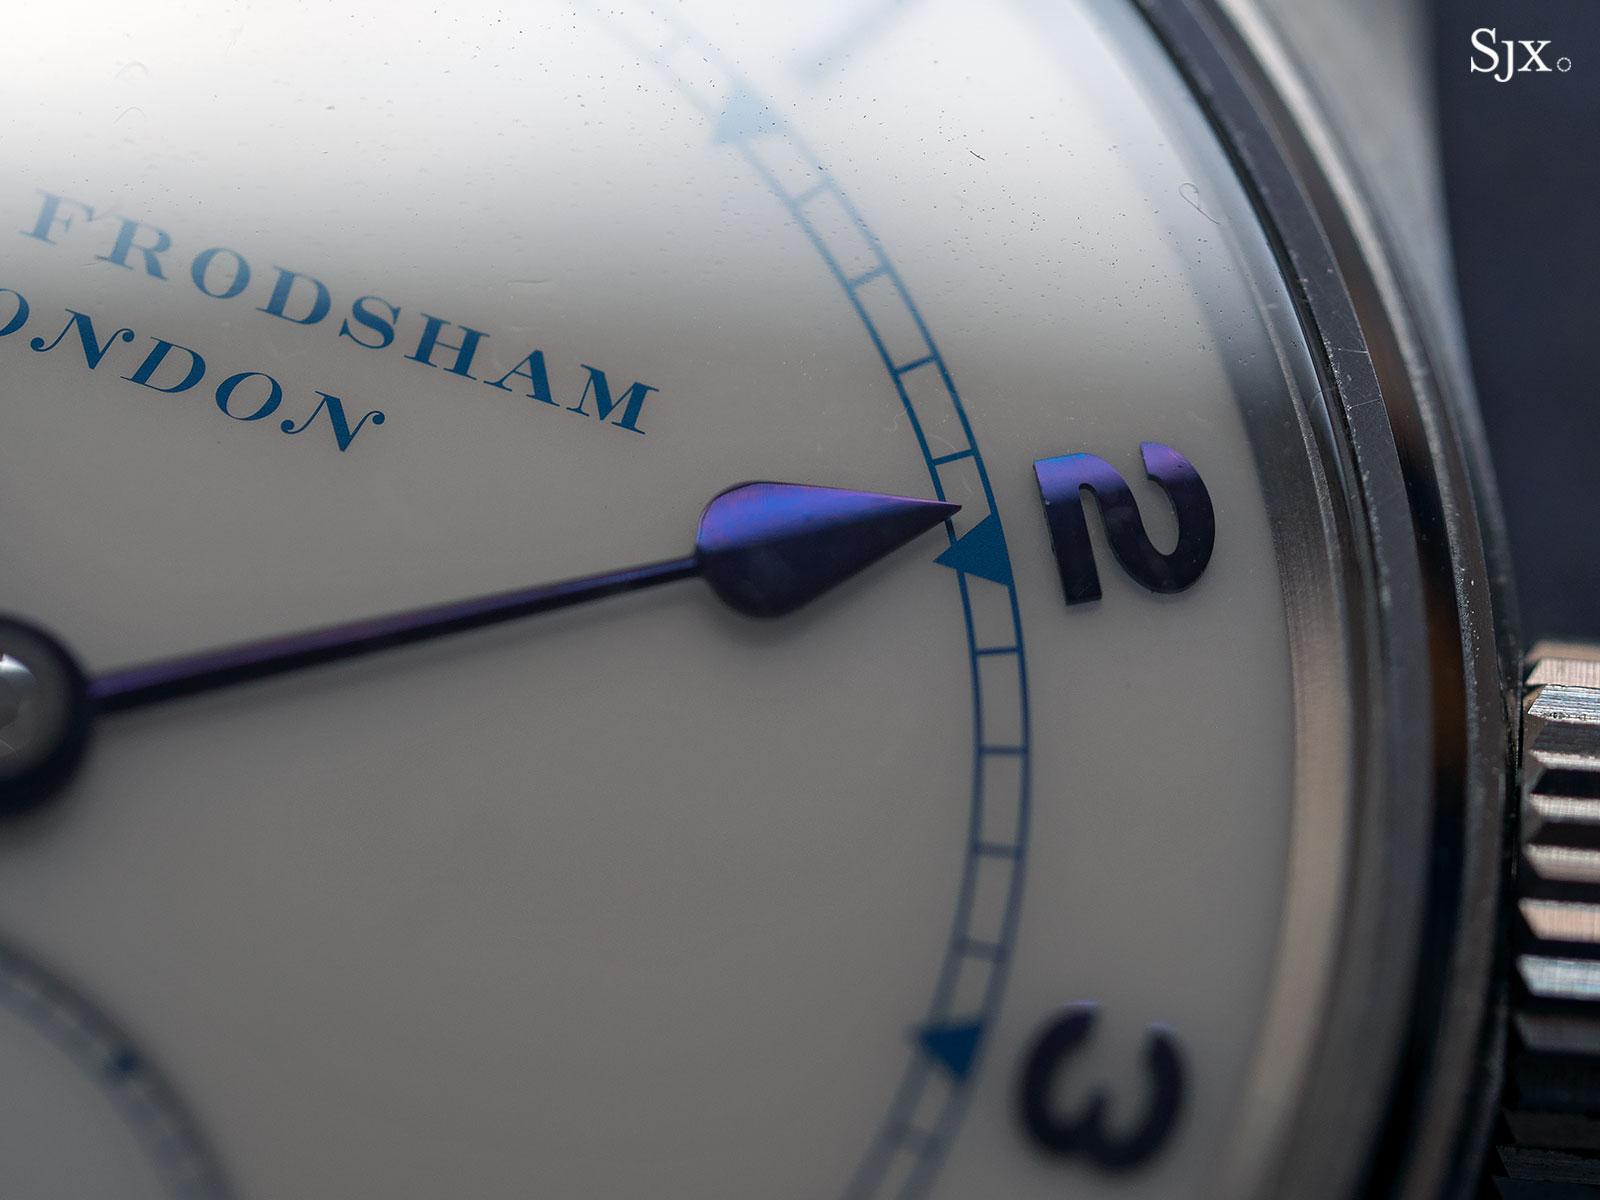 Frodsham Double Impulse wristwatch steel 3